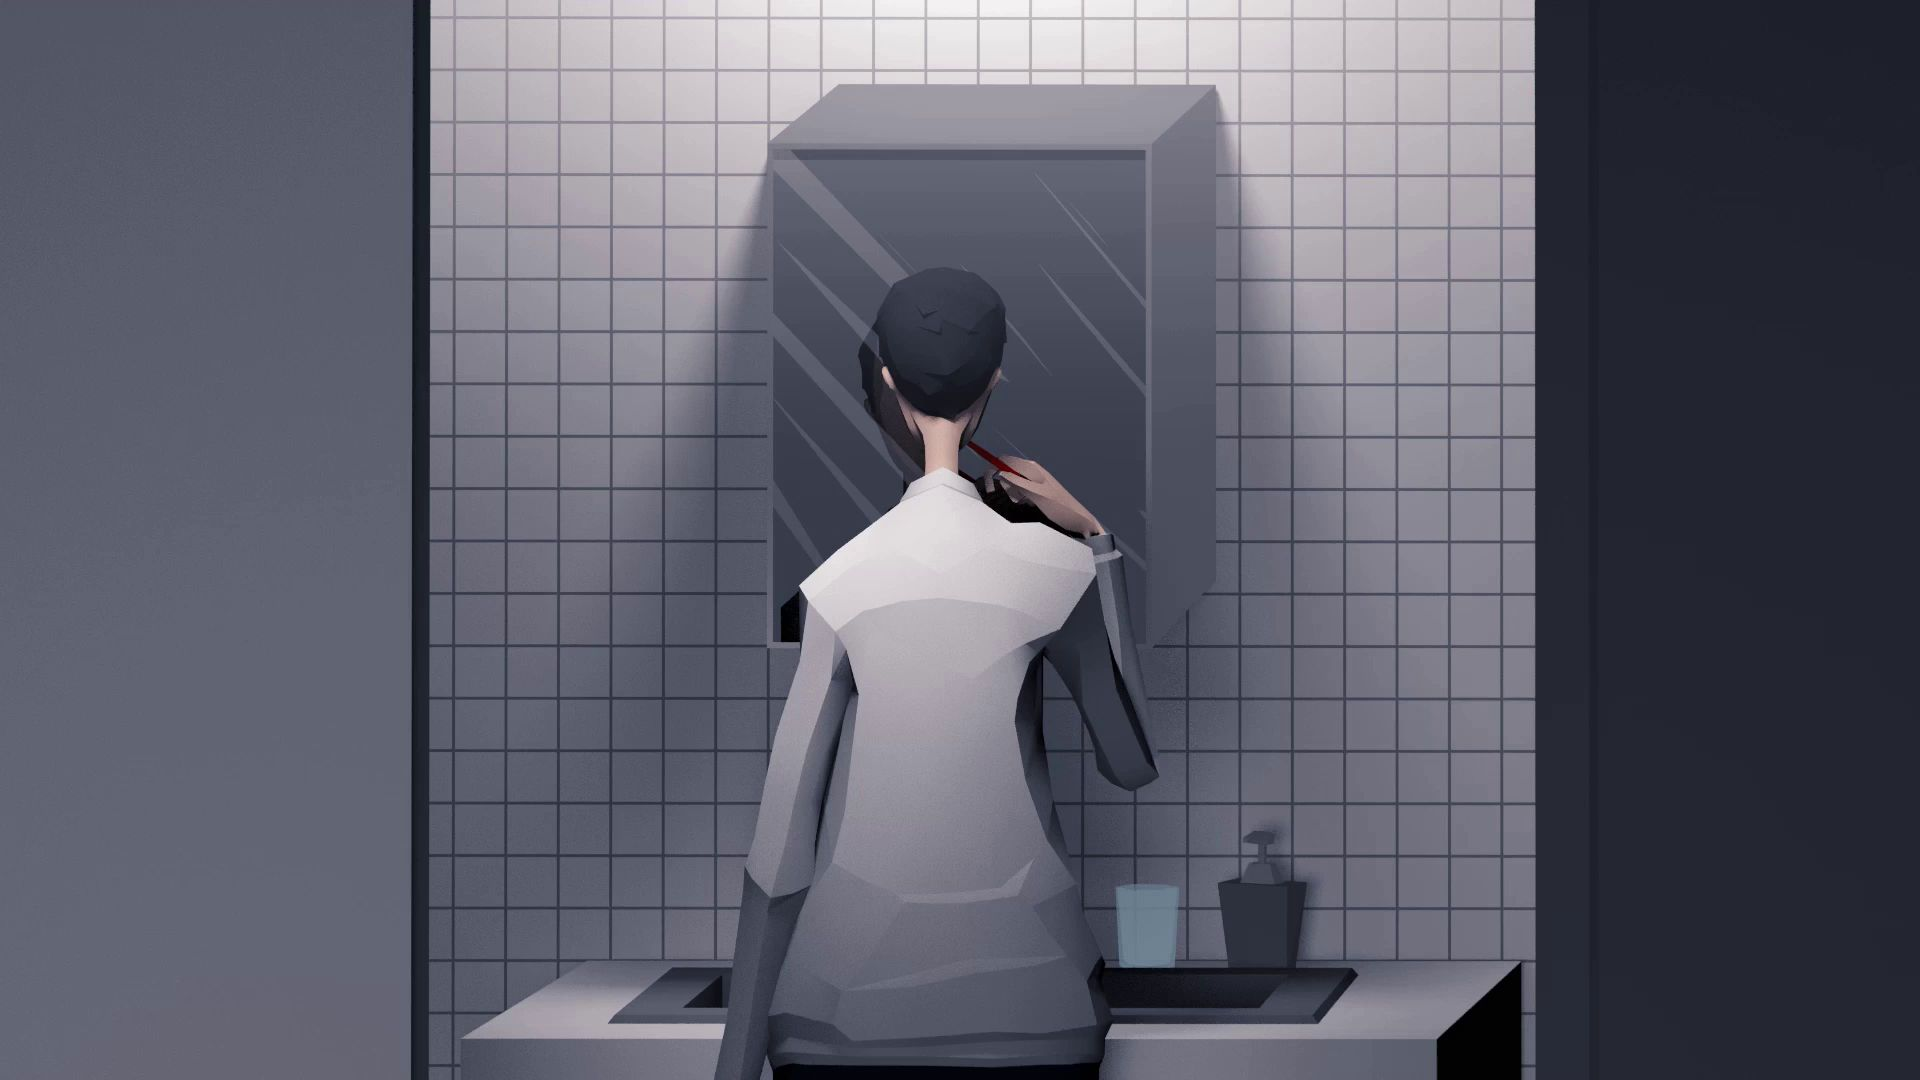 Mosaic: Анонс игры